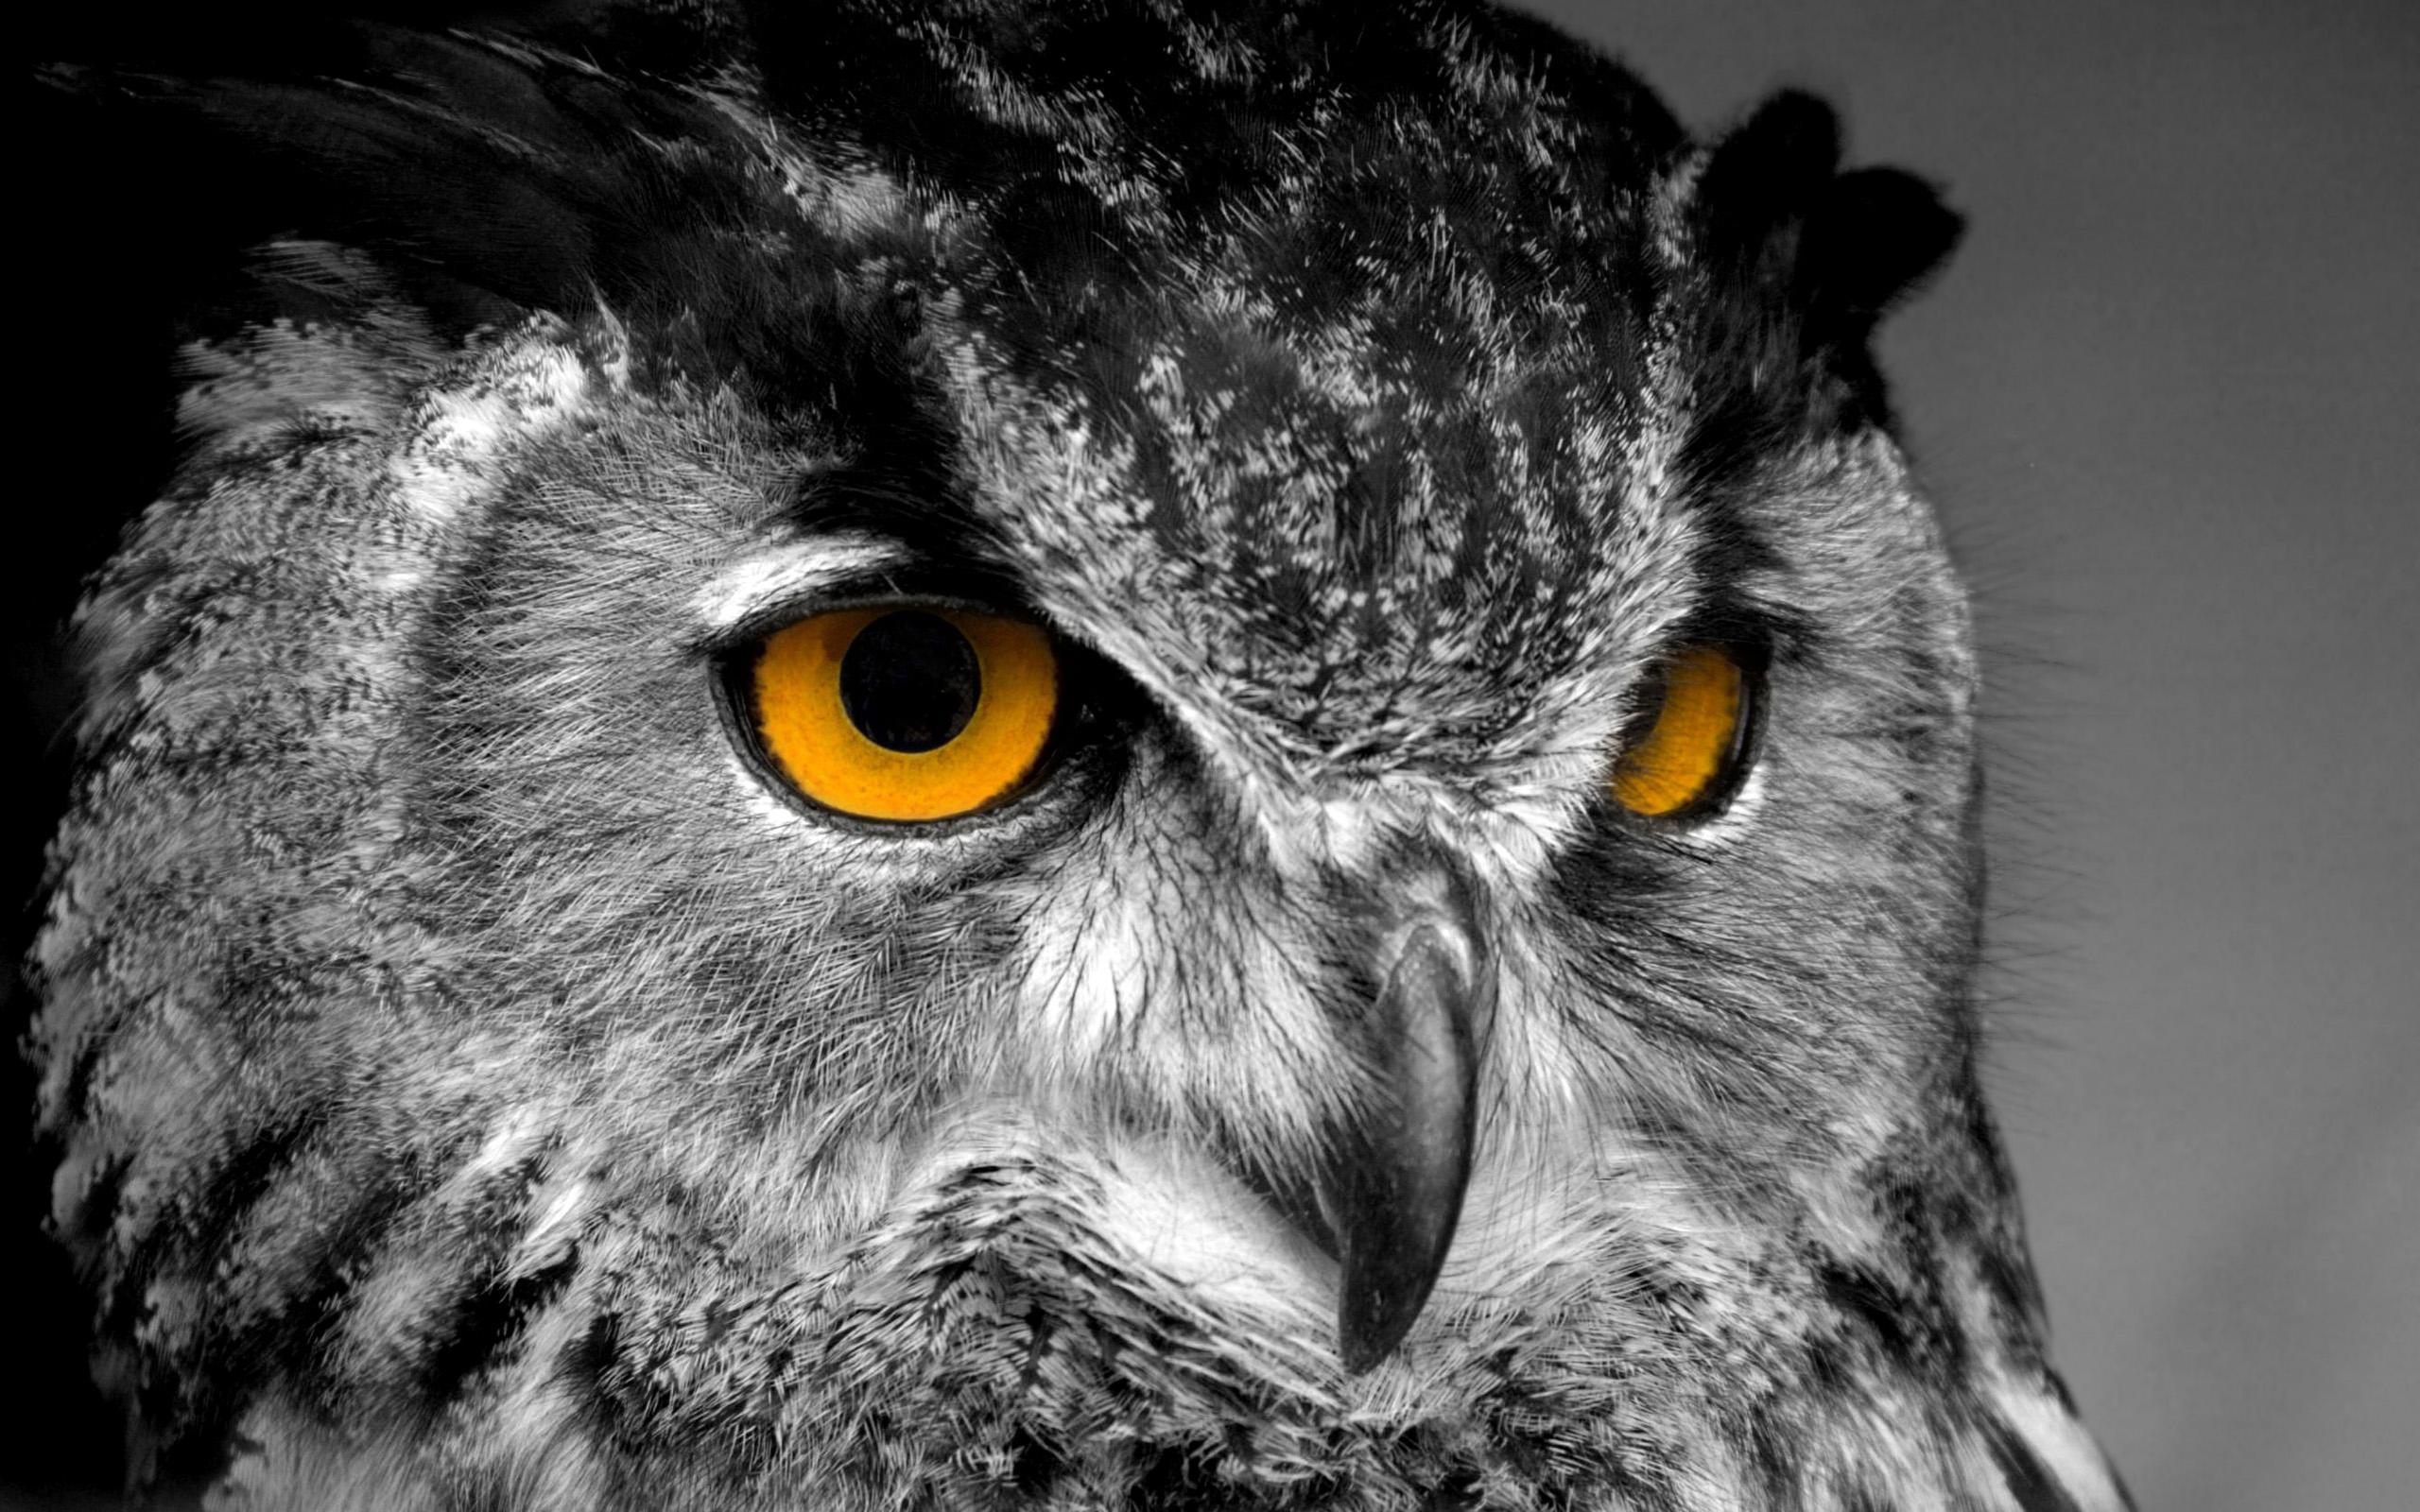 动物卡通图_有没有好看的猫头鹰图片? - 知乎